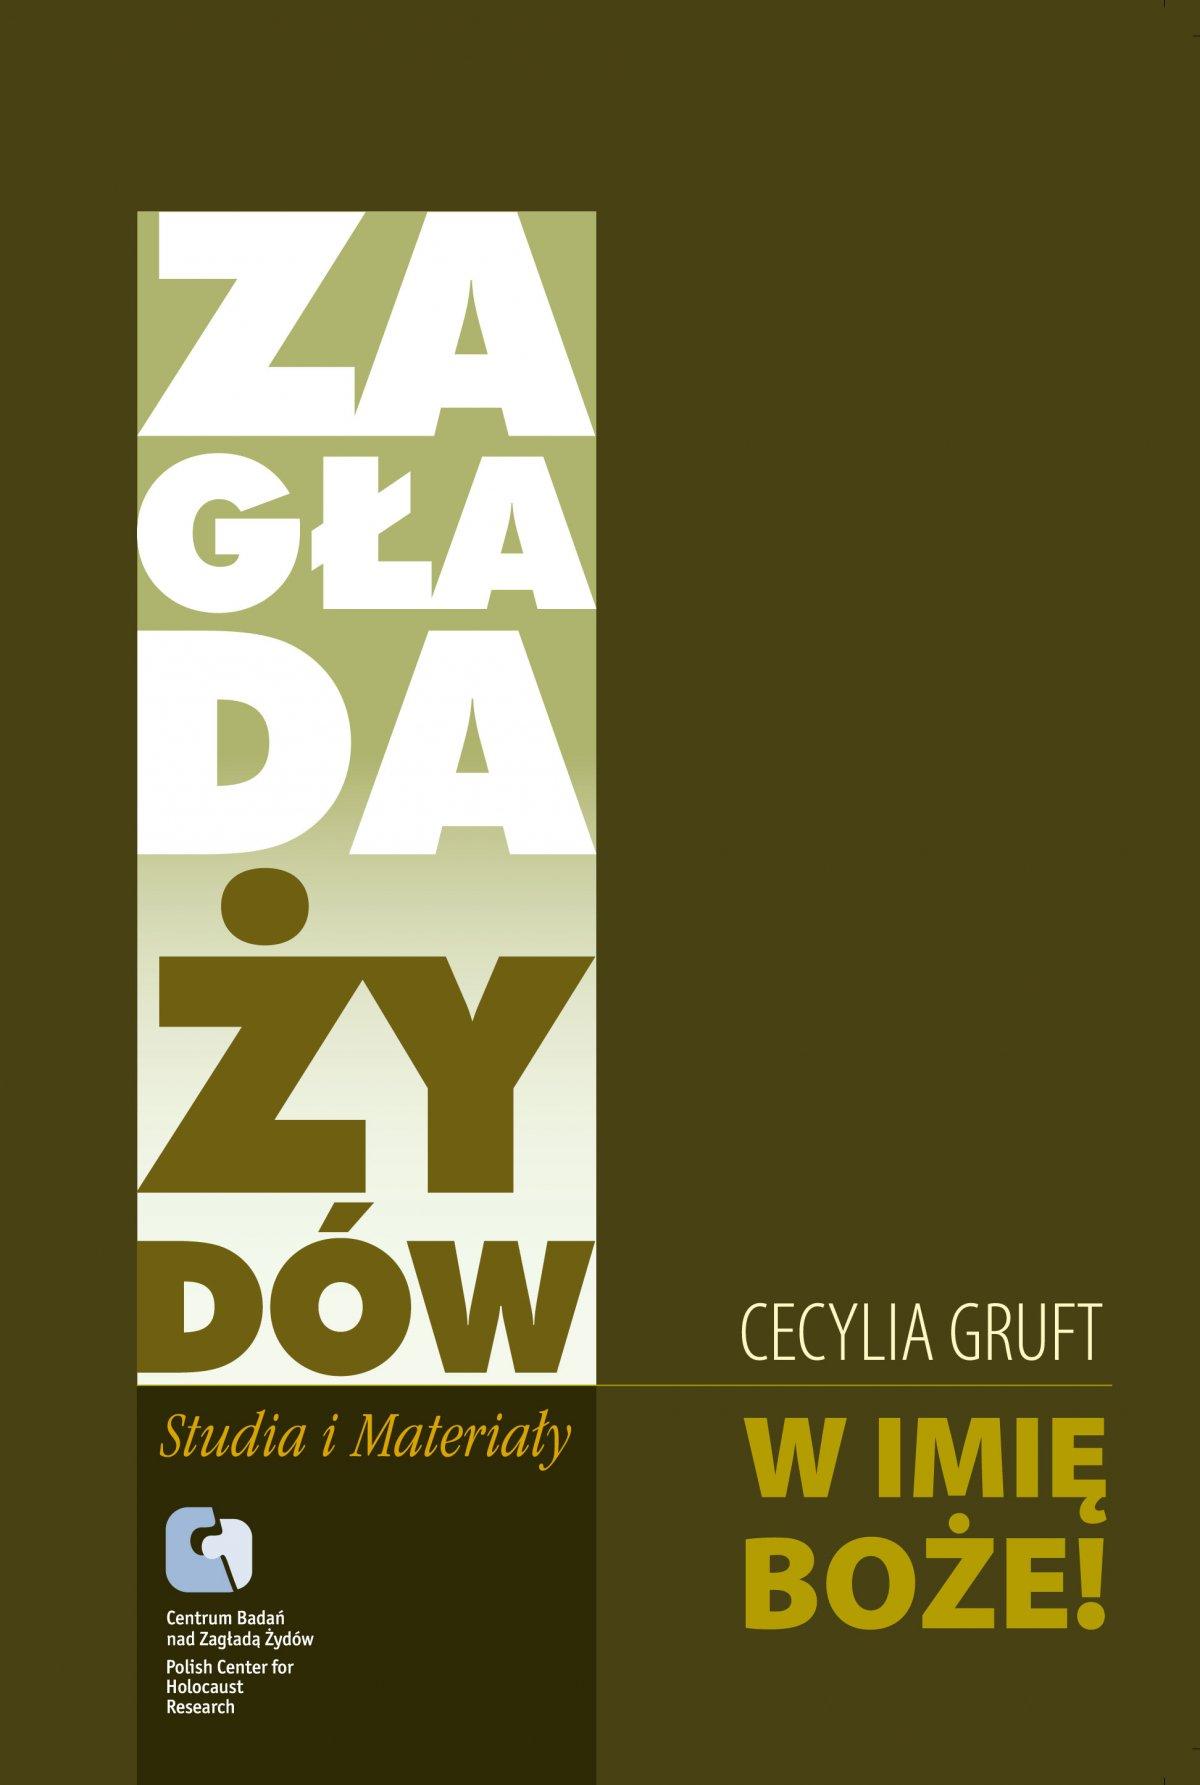 W Imię Boże! Pamiętnik Cesi Gruft - Ebook (Książka na Kindle) do pobrania w formacie MOBI